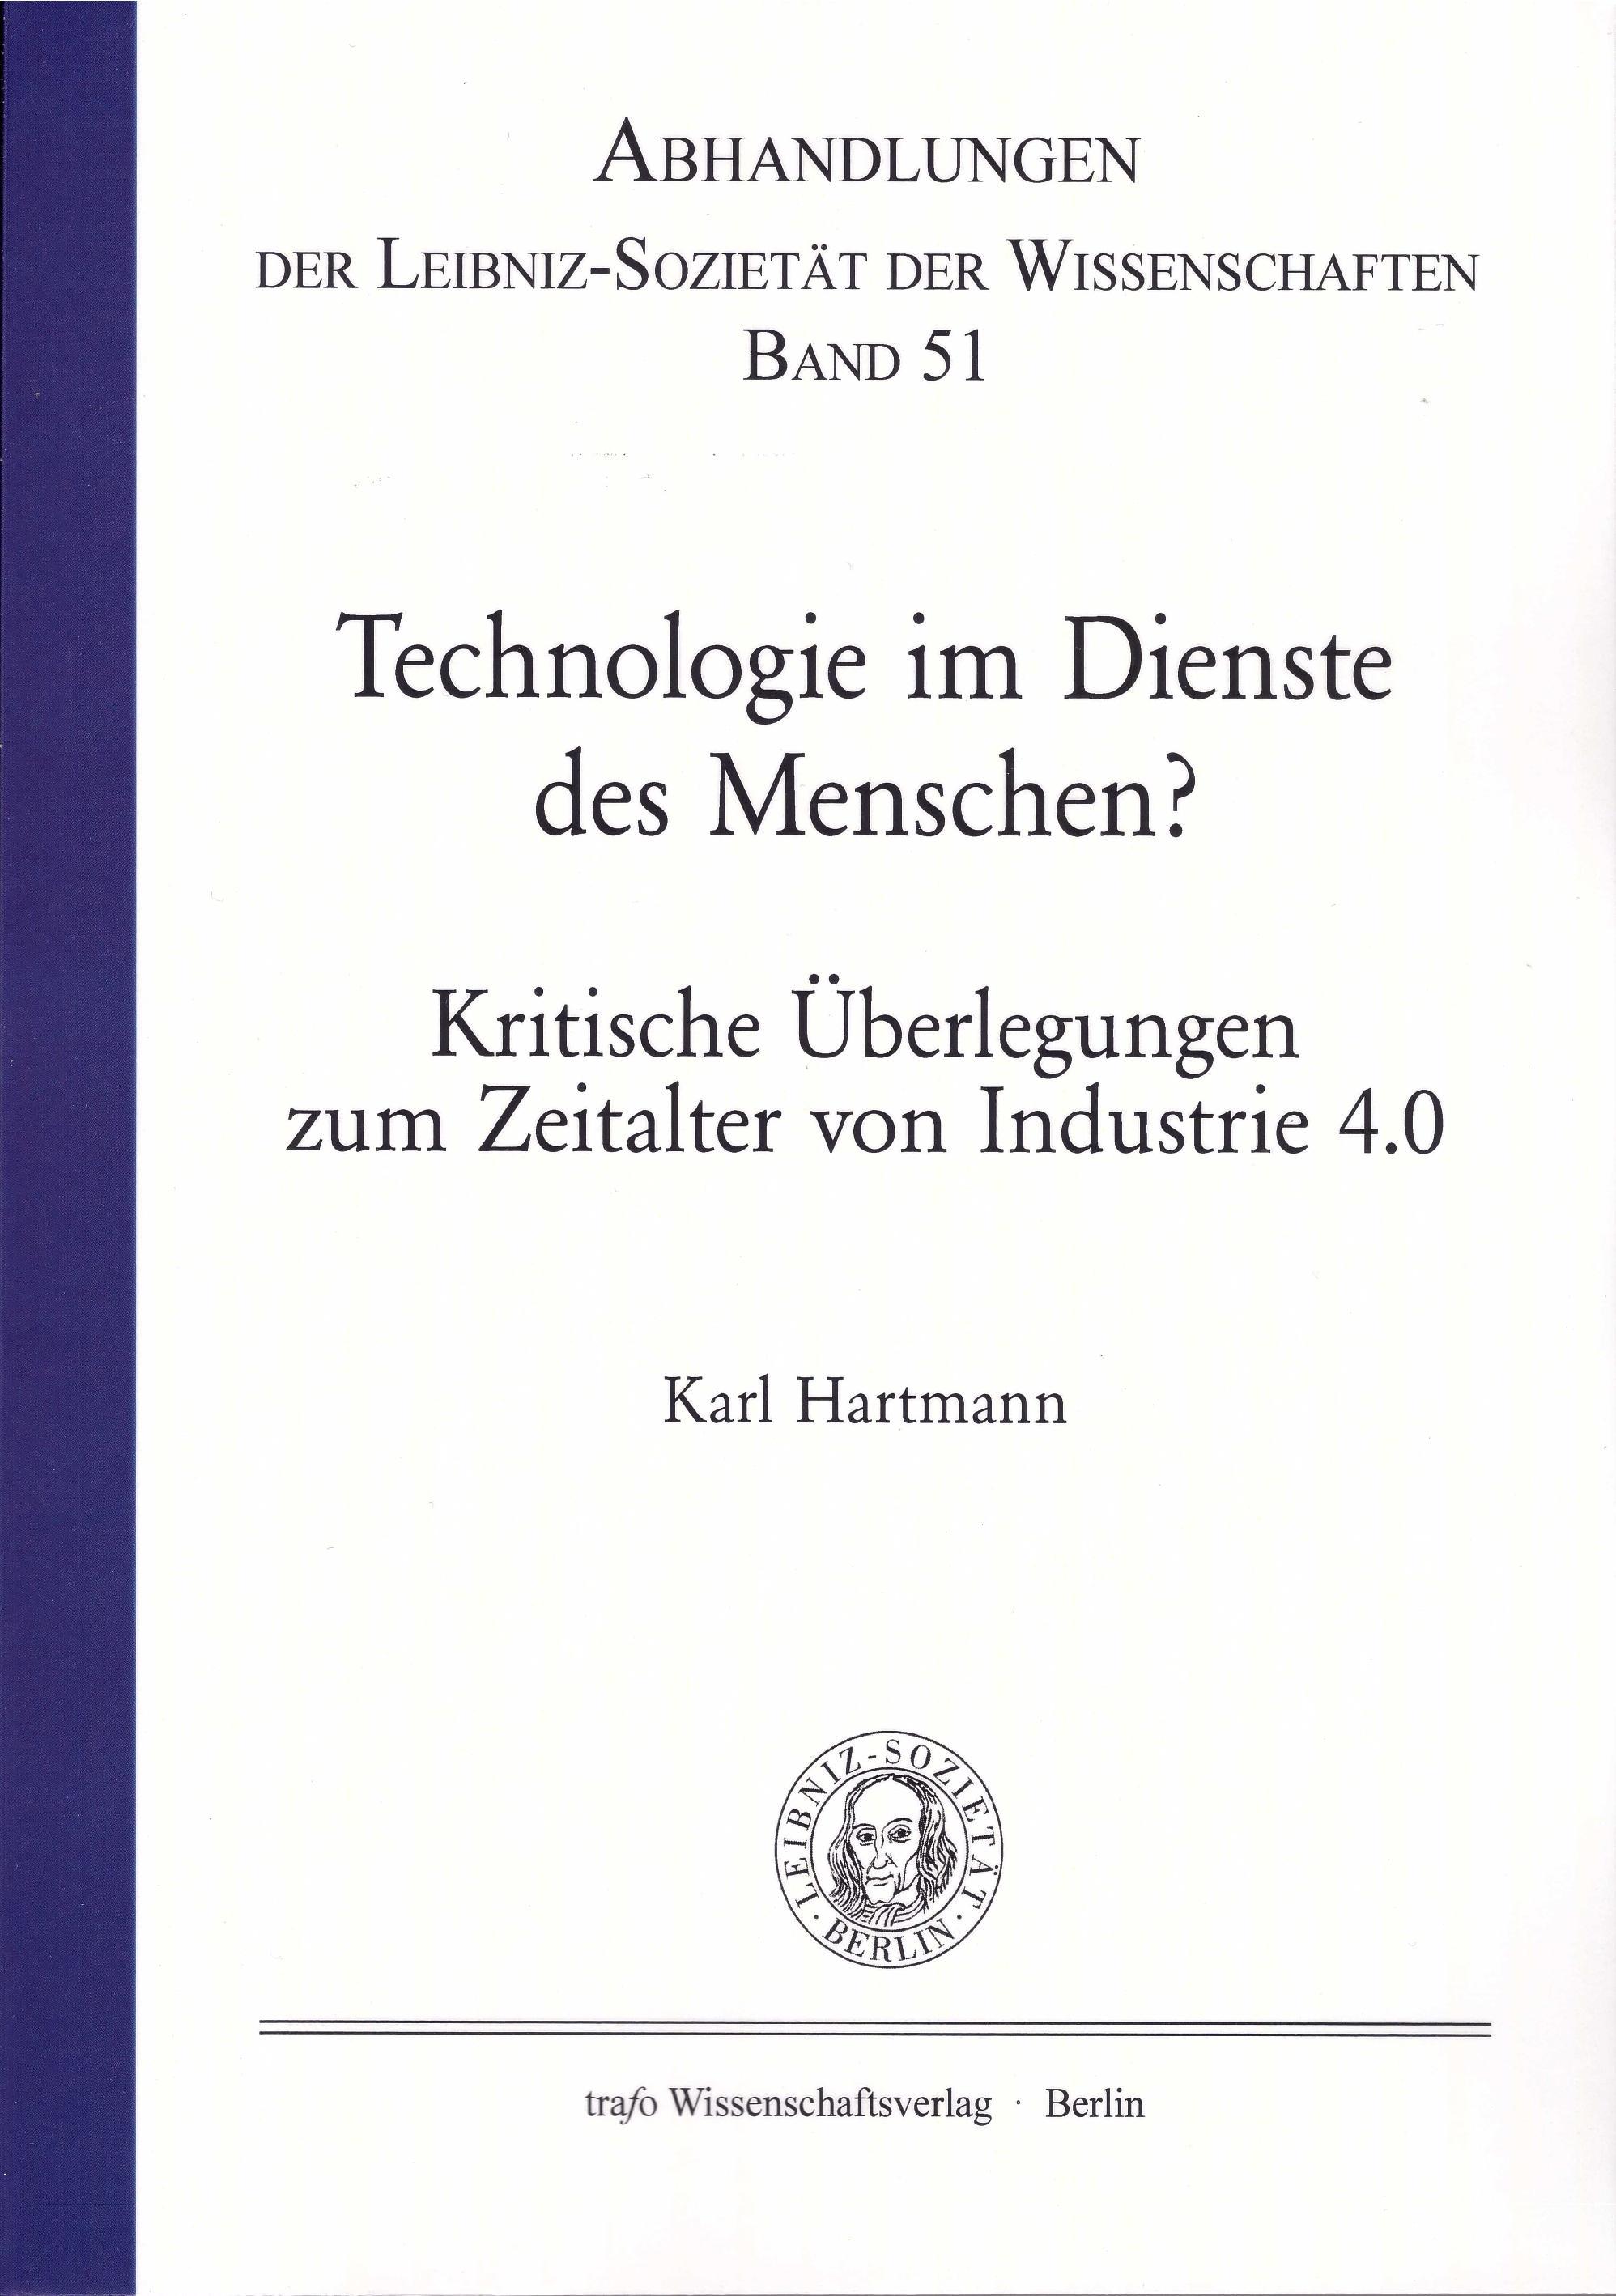 Hartmann.K Archives - Leibniz-Sozietät der Wissenschaften zu Berlin e.V.